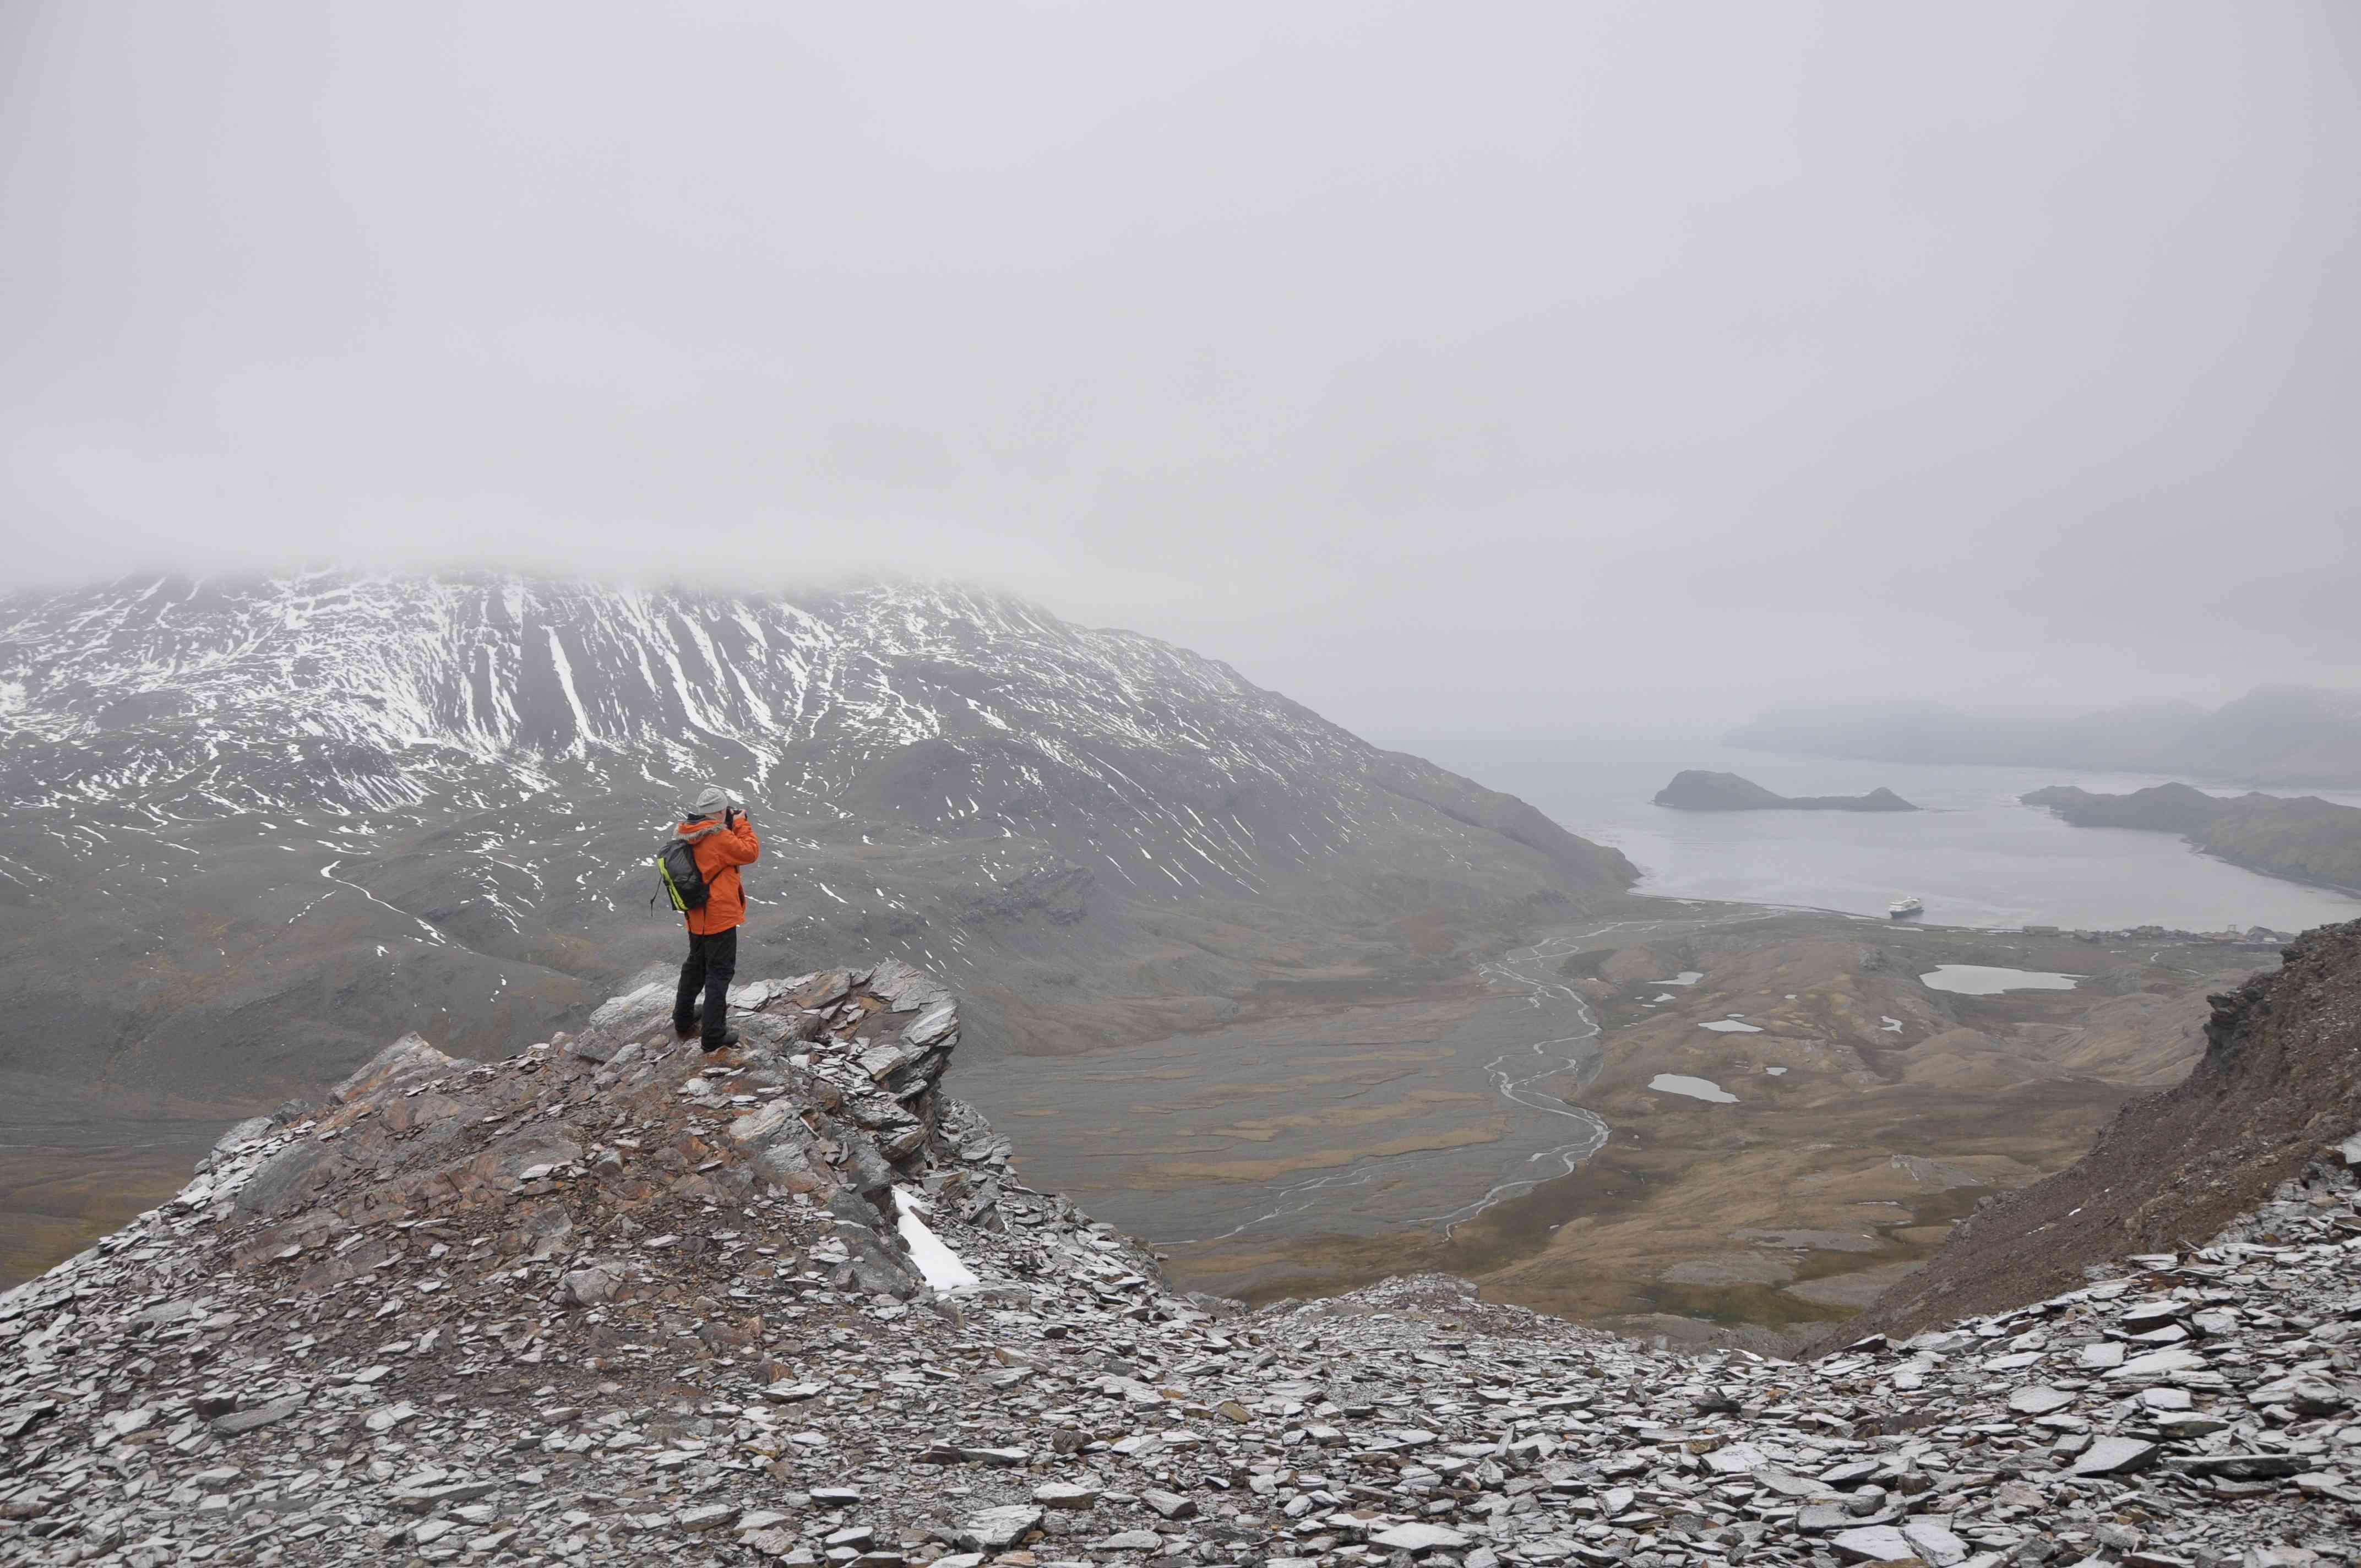 Un fotógrafo se para en un acantilado tomando una foto en el valle de una montaña